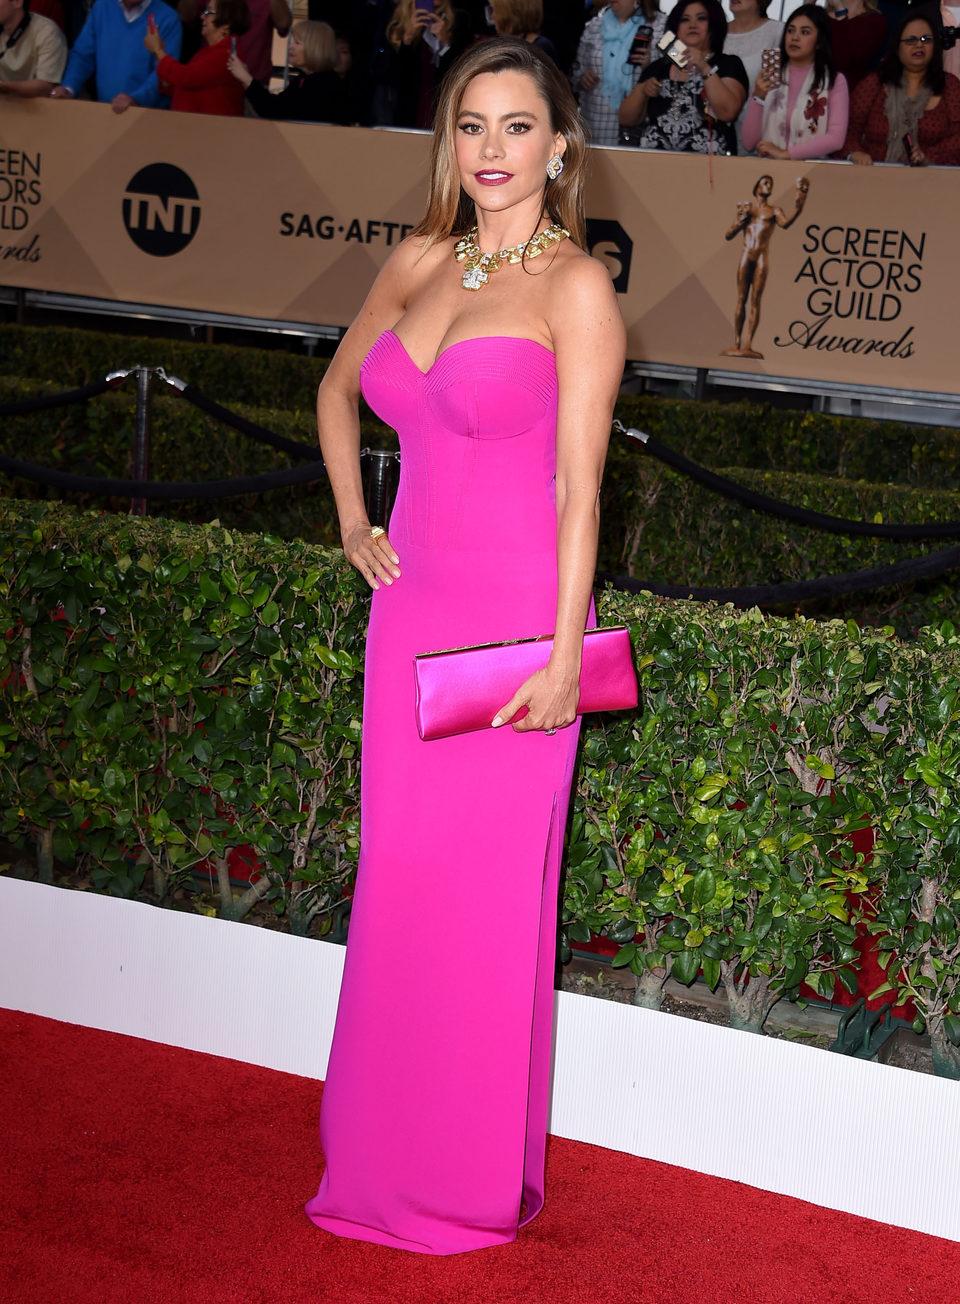 Sofia Vergara at the SAG Awards 2016 red carpet